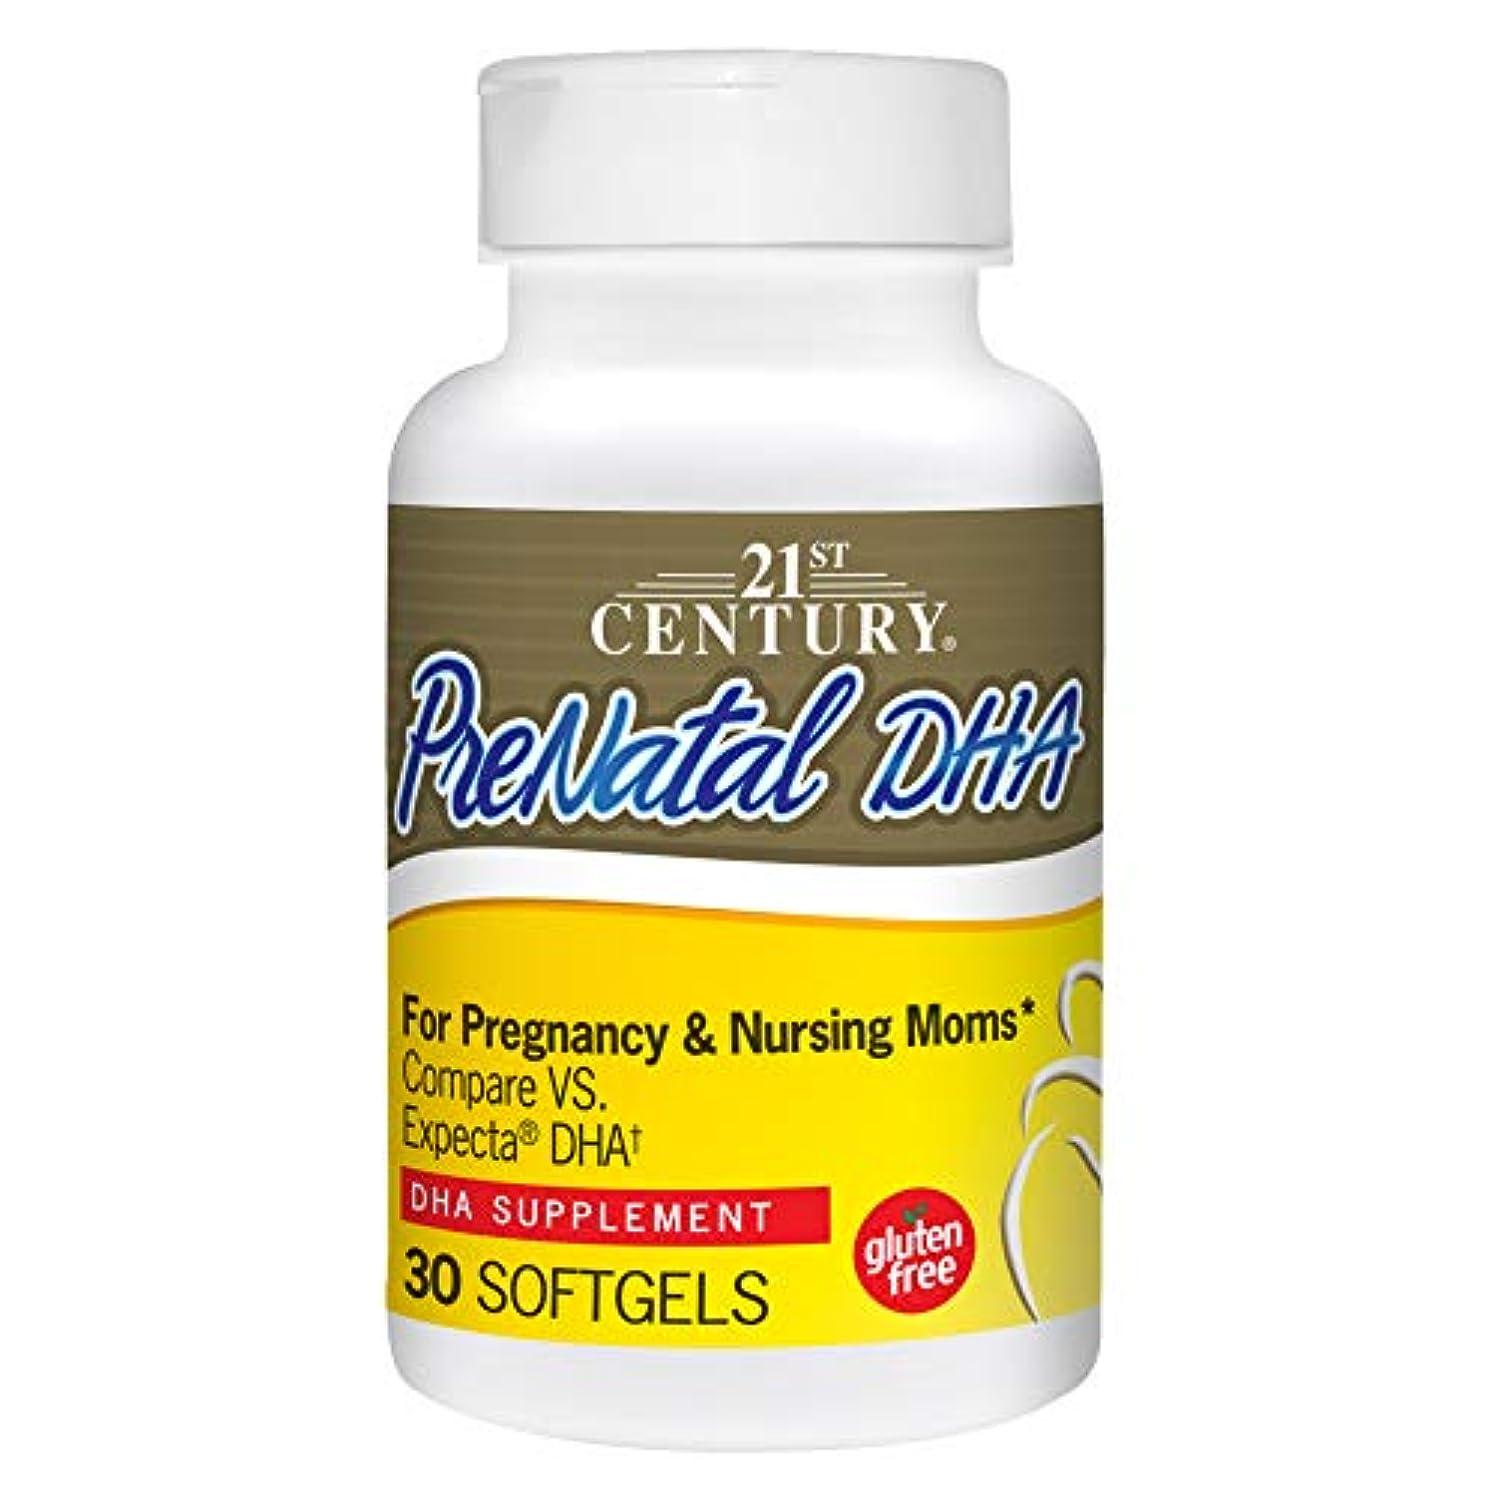 放つコレクション宙返り妊婦用 PreNatal DHA 出生前DHA30ソフトジェル (パラレル入力品)と妊婦(海外カラの直送品)PreNatal DHA 30 Softgels